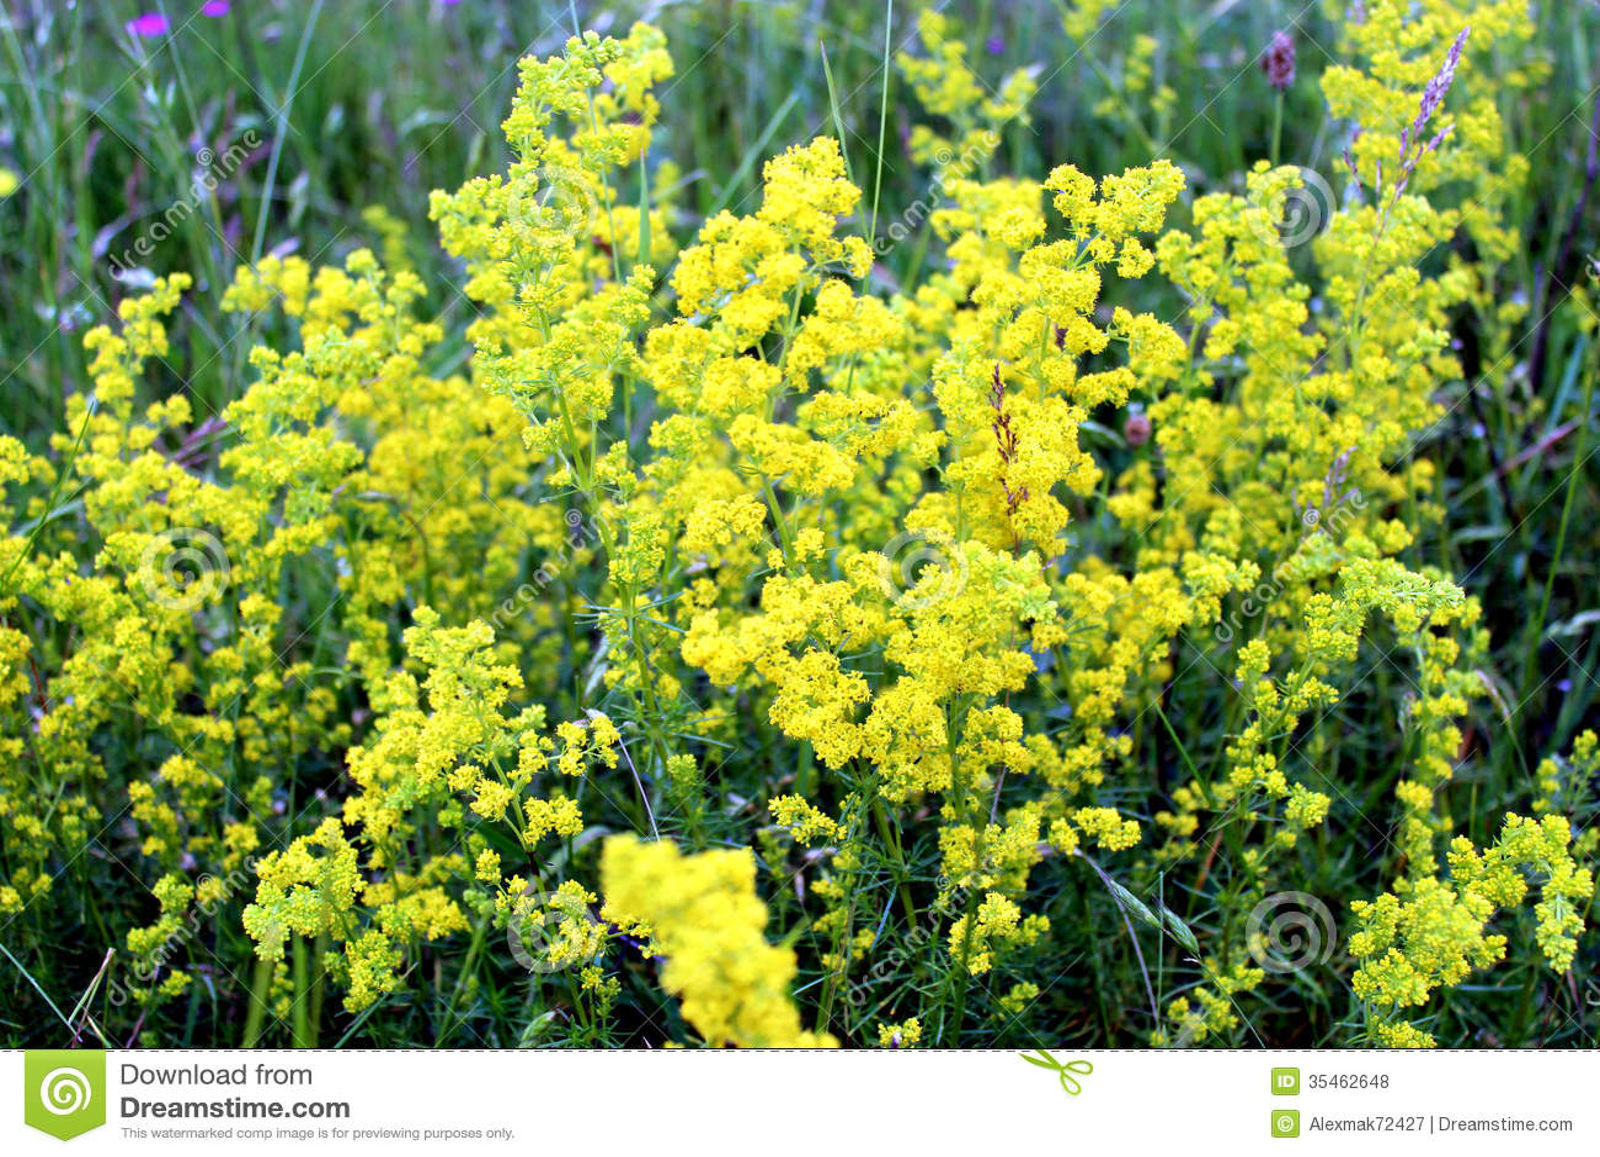 fleurs jaunes de verum de gaillet photo stock image du buisson broussaille 35462648. Black Bedroom Furniture Sets. Home Design Ideas